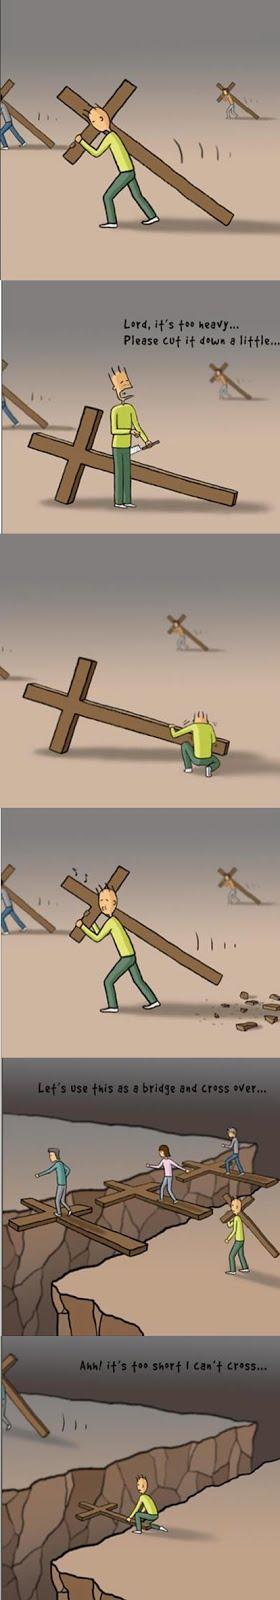 Como descuidar una salvación tan grande